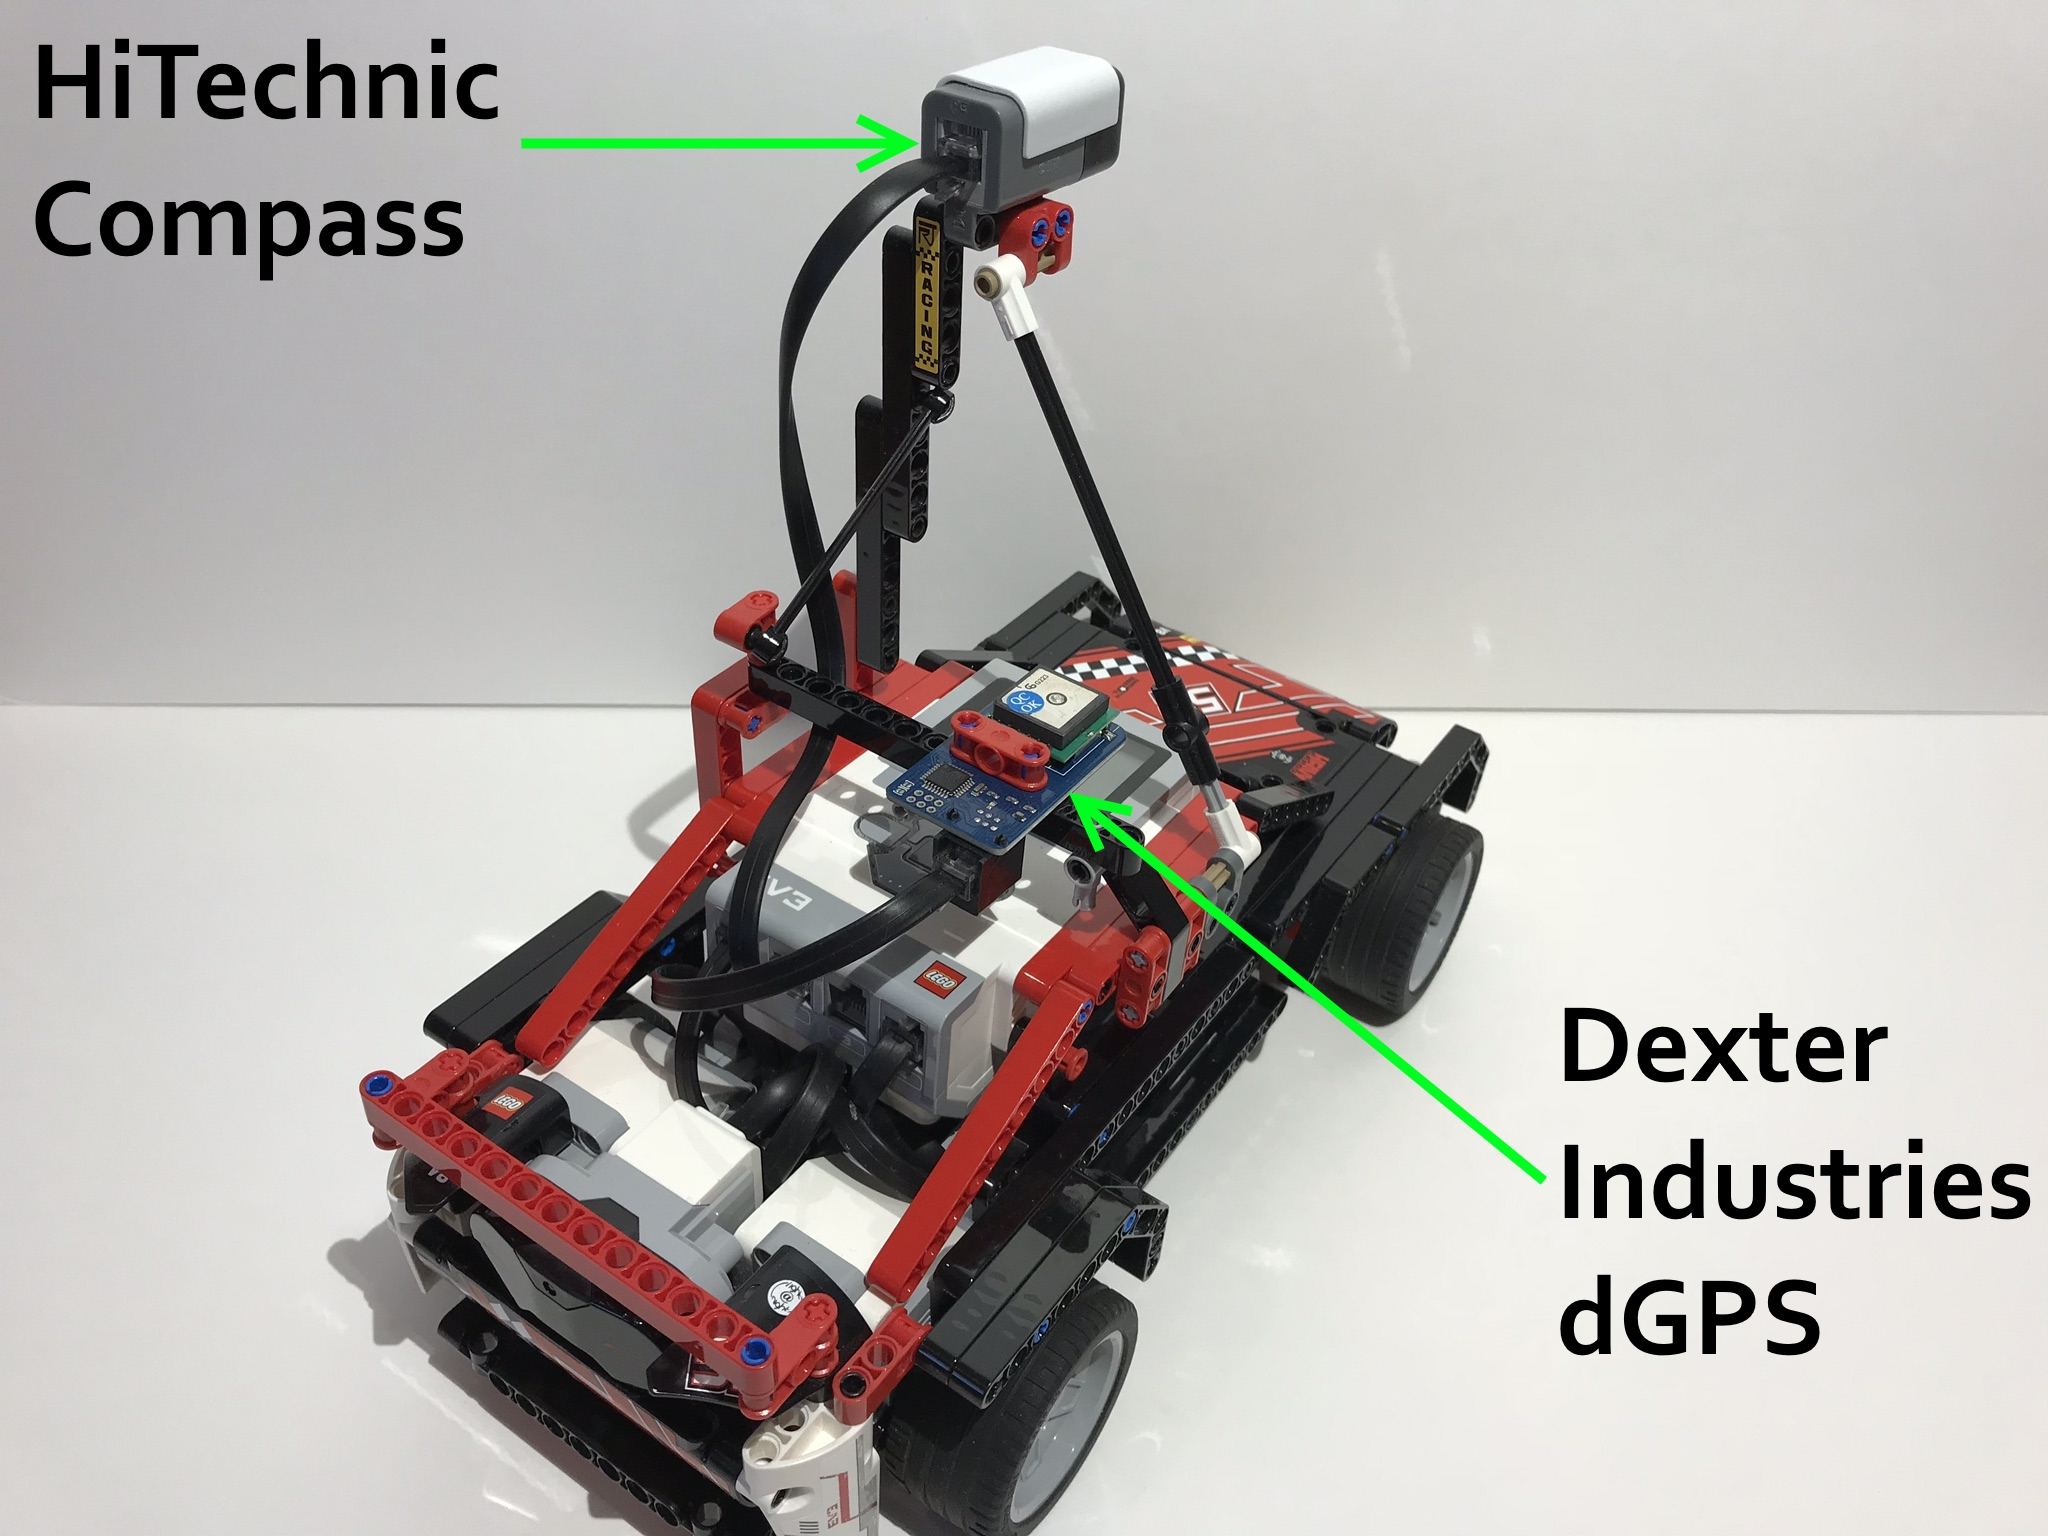 Hardware - Building Smart LEGO MINDSTORMS EV3 Robots